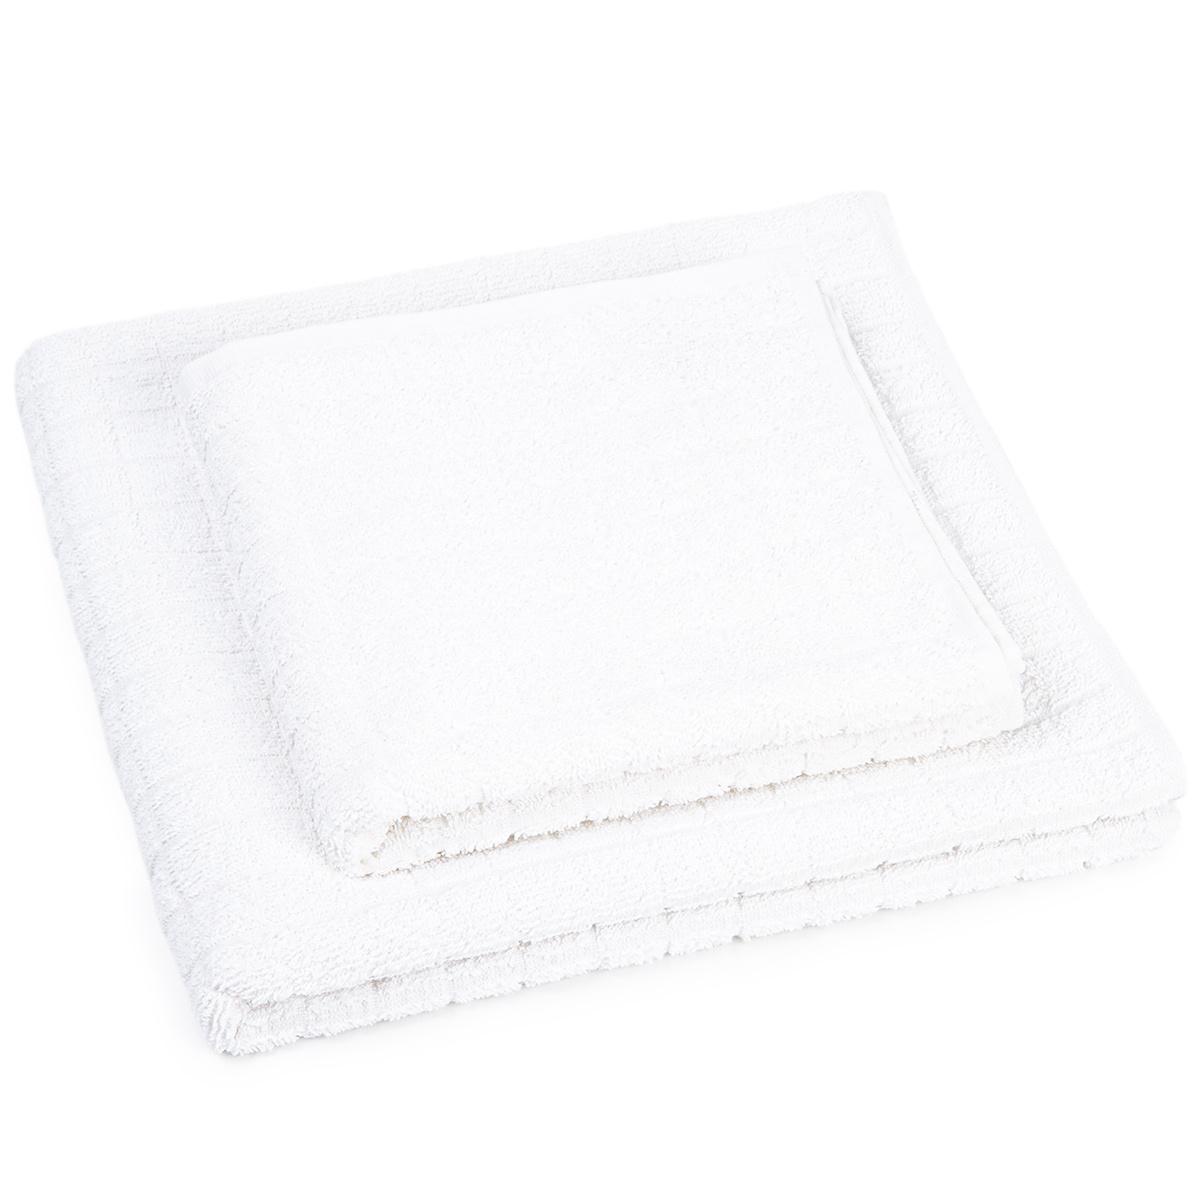 Profod Sada ručníku a osušky Jerry bílá, 50 x 100 cm, 70 x 140 cm